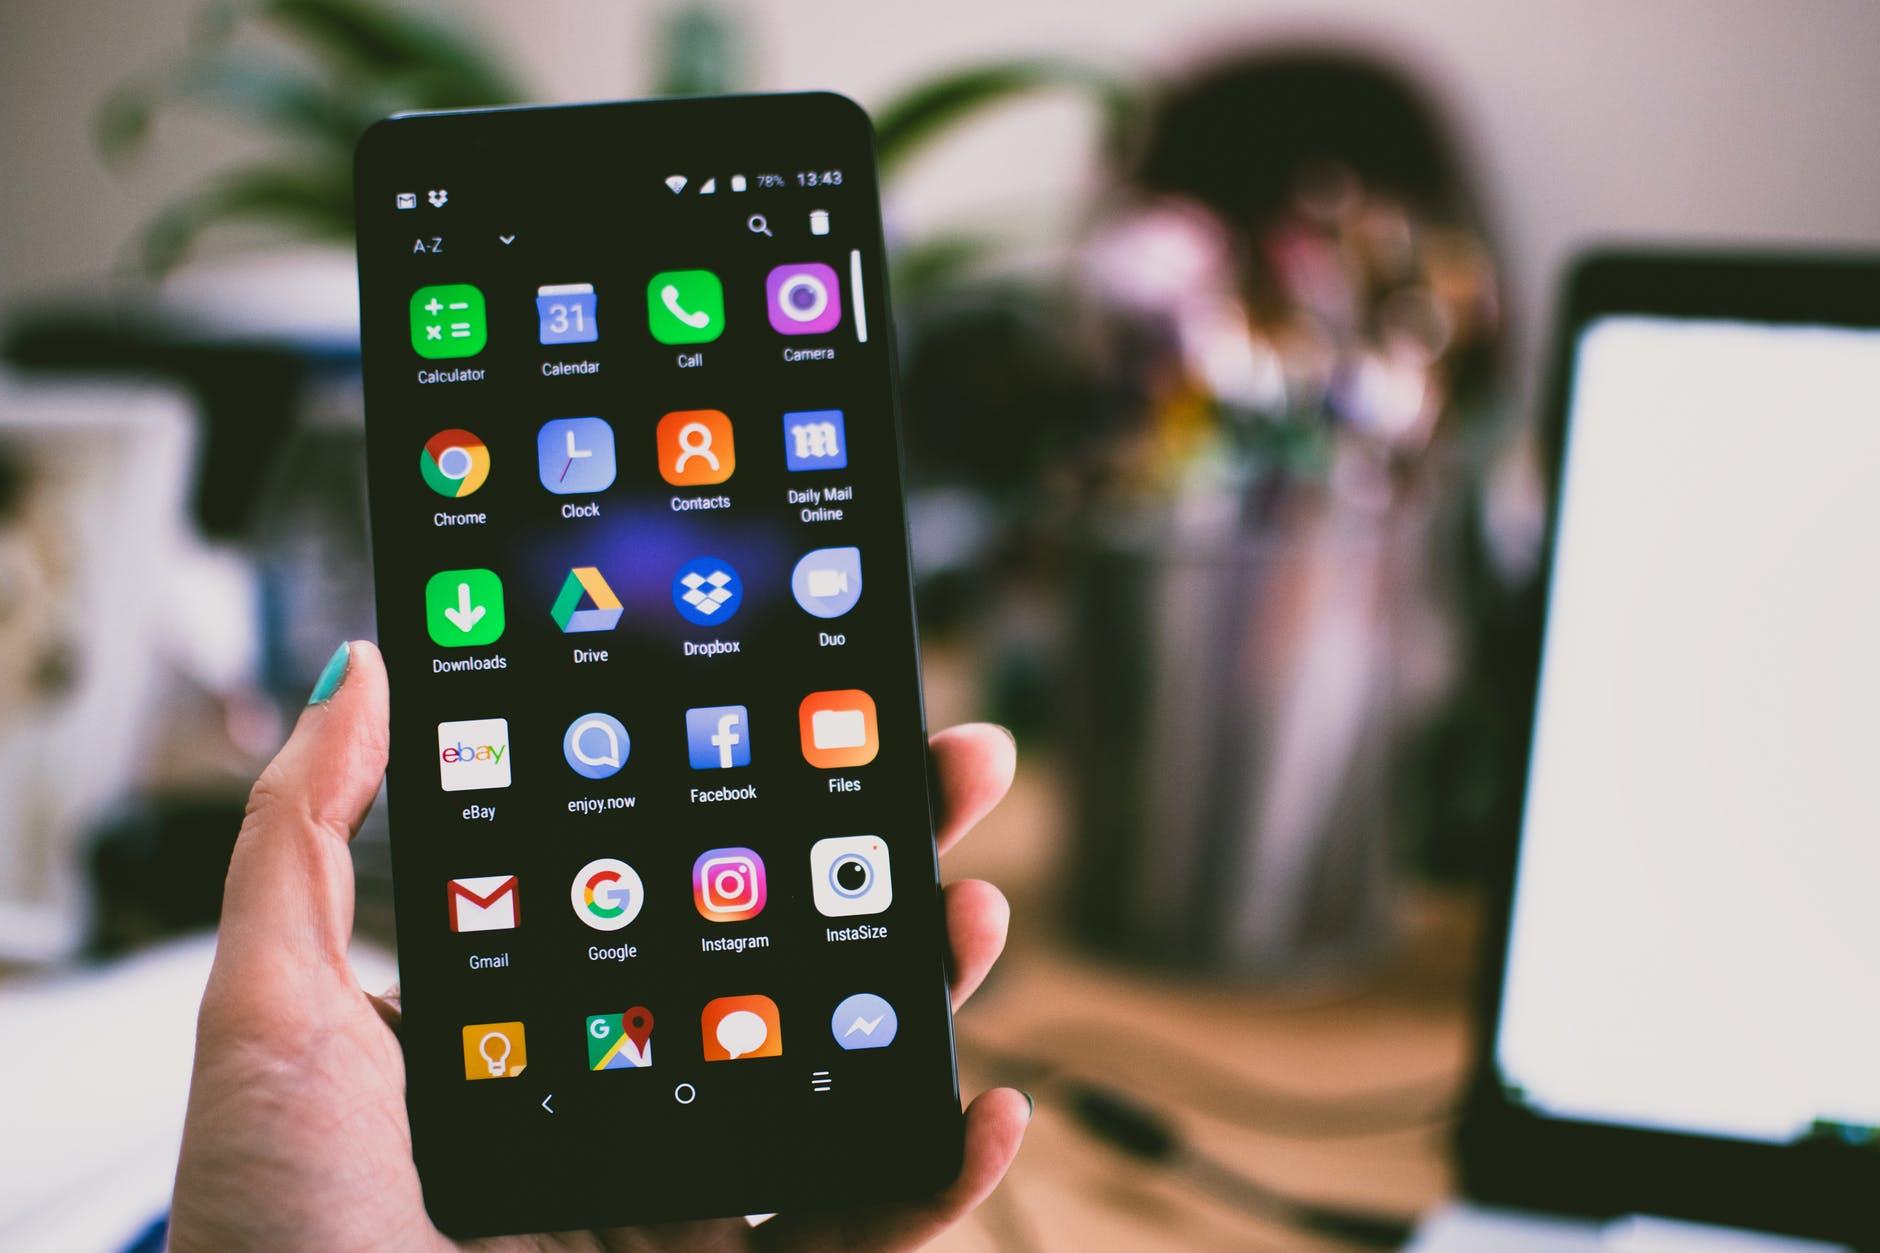 Asılı Akıllı Telefonunuz İçin Hızlı Düzeltme